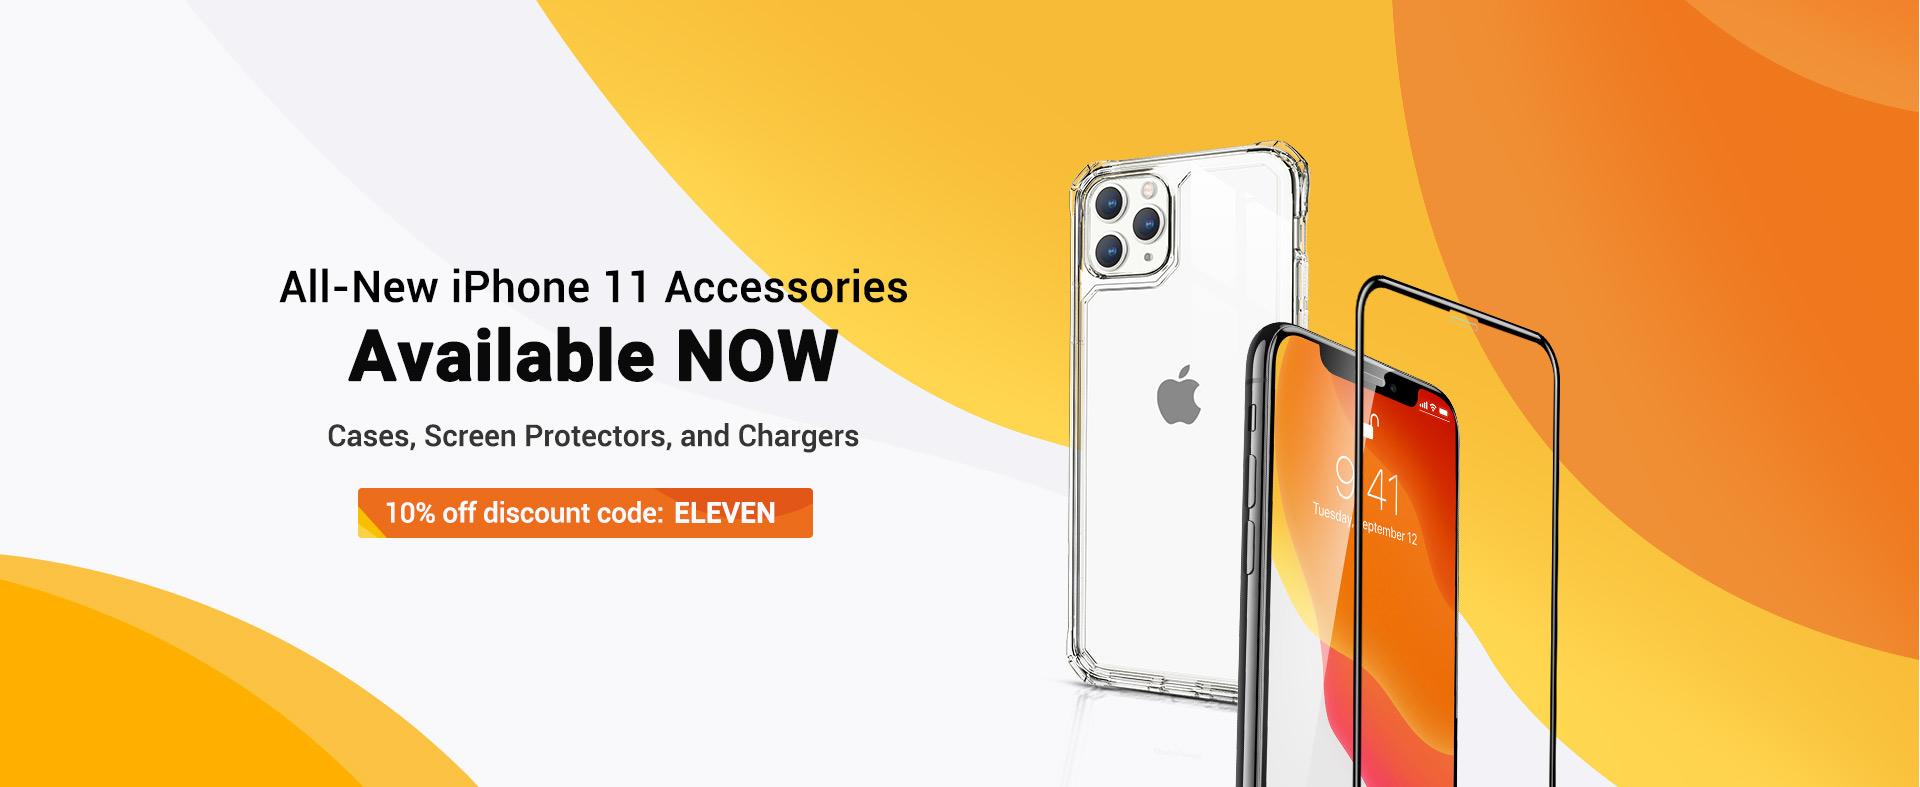 2019 iPhone 11 accessories